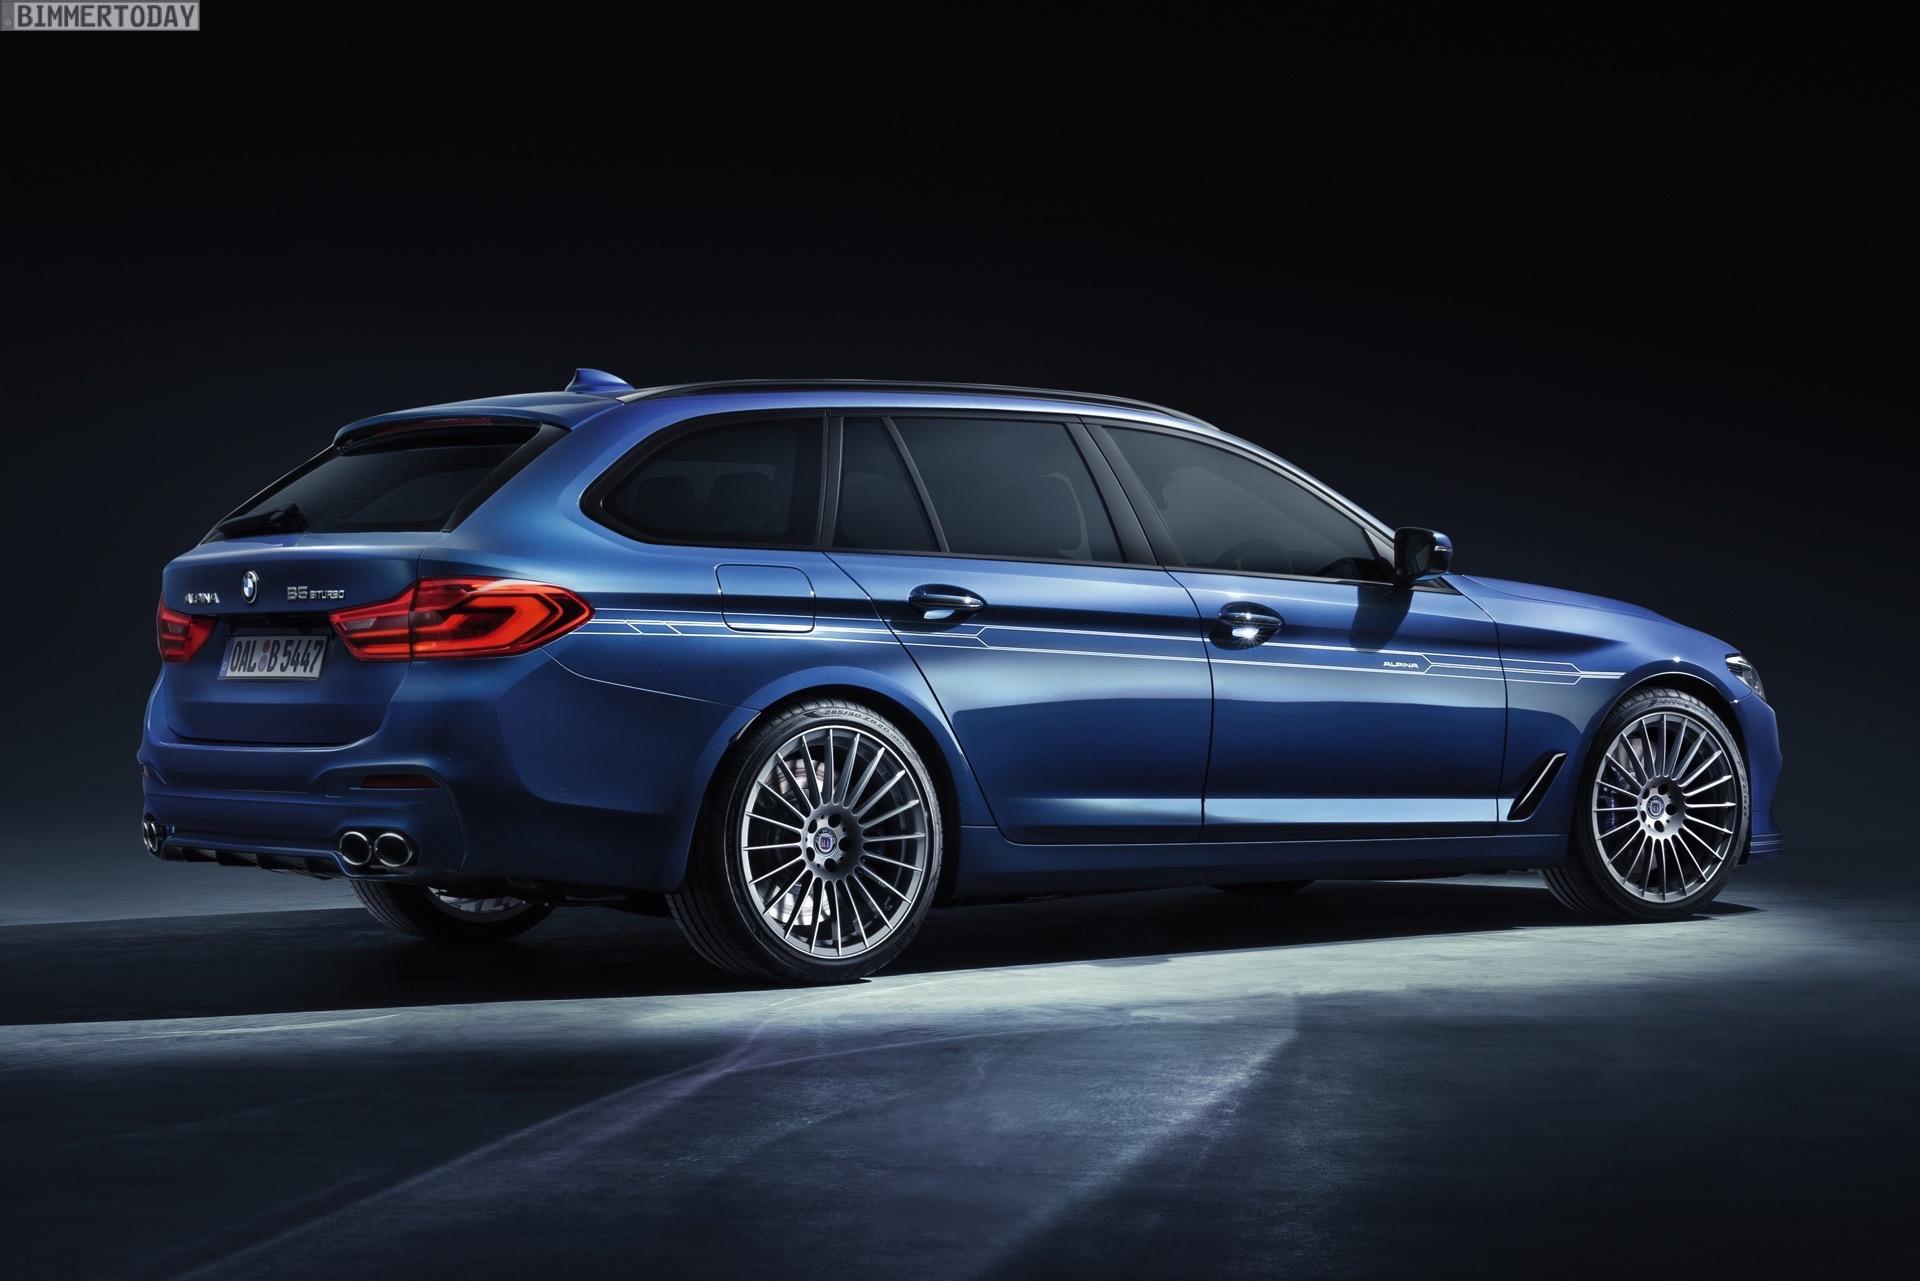 BMW Alpina B5 Touring G31: Der 325-km/h-Kombi mit 608 PS!